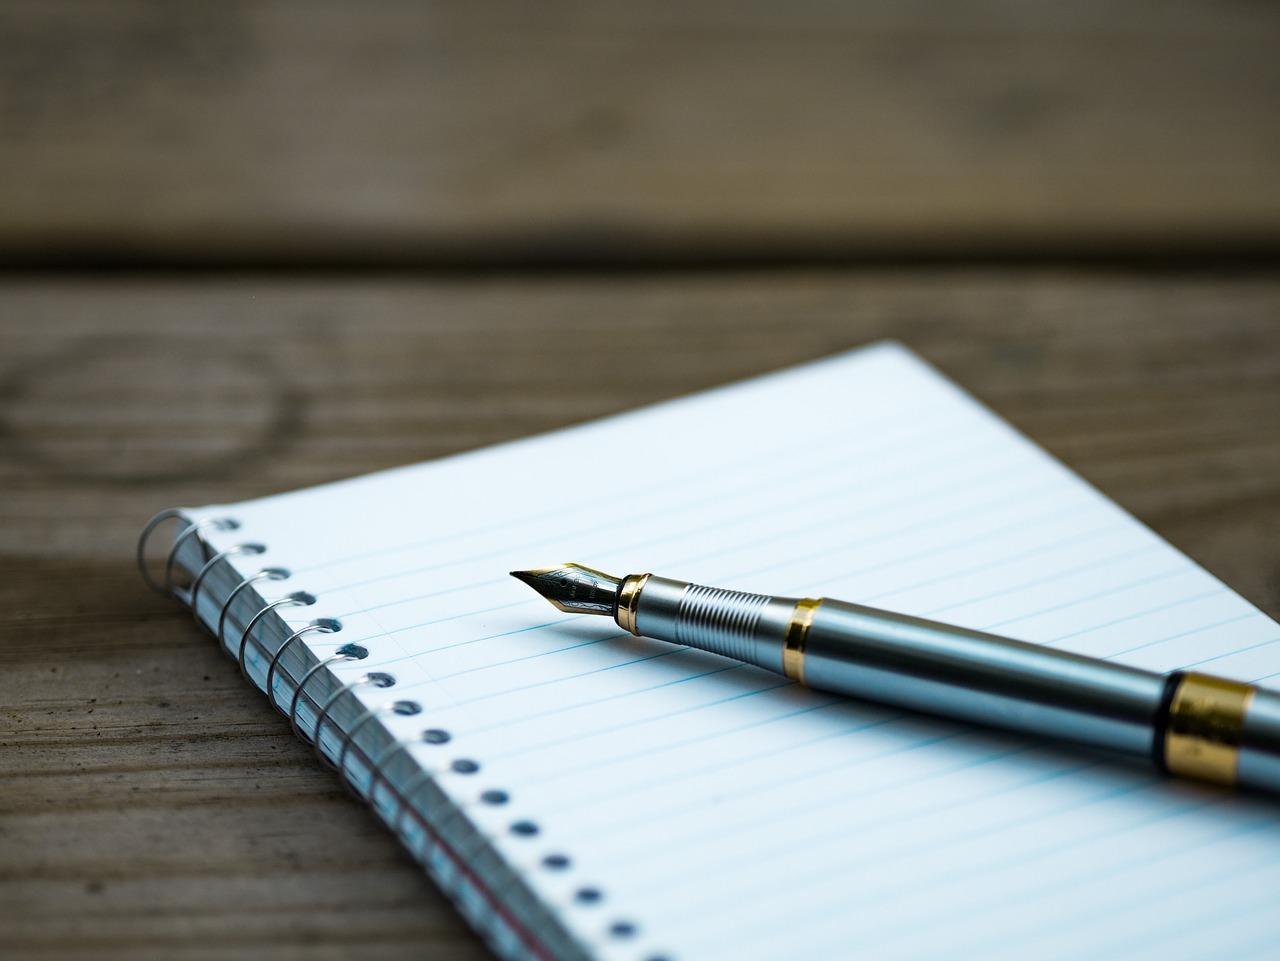 Gmat verbal online study plan